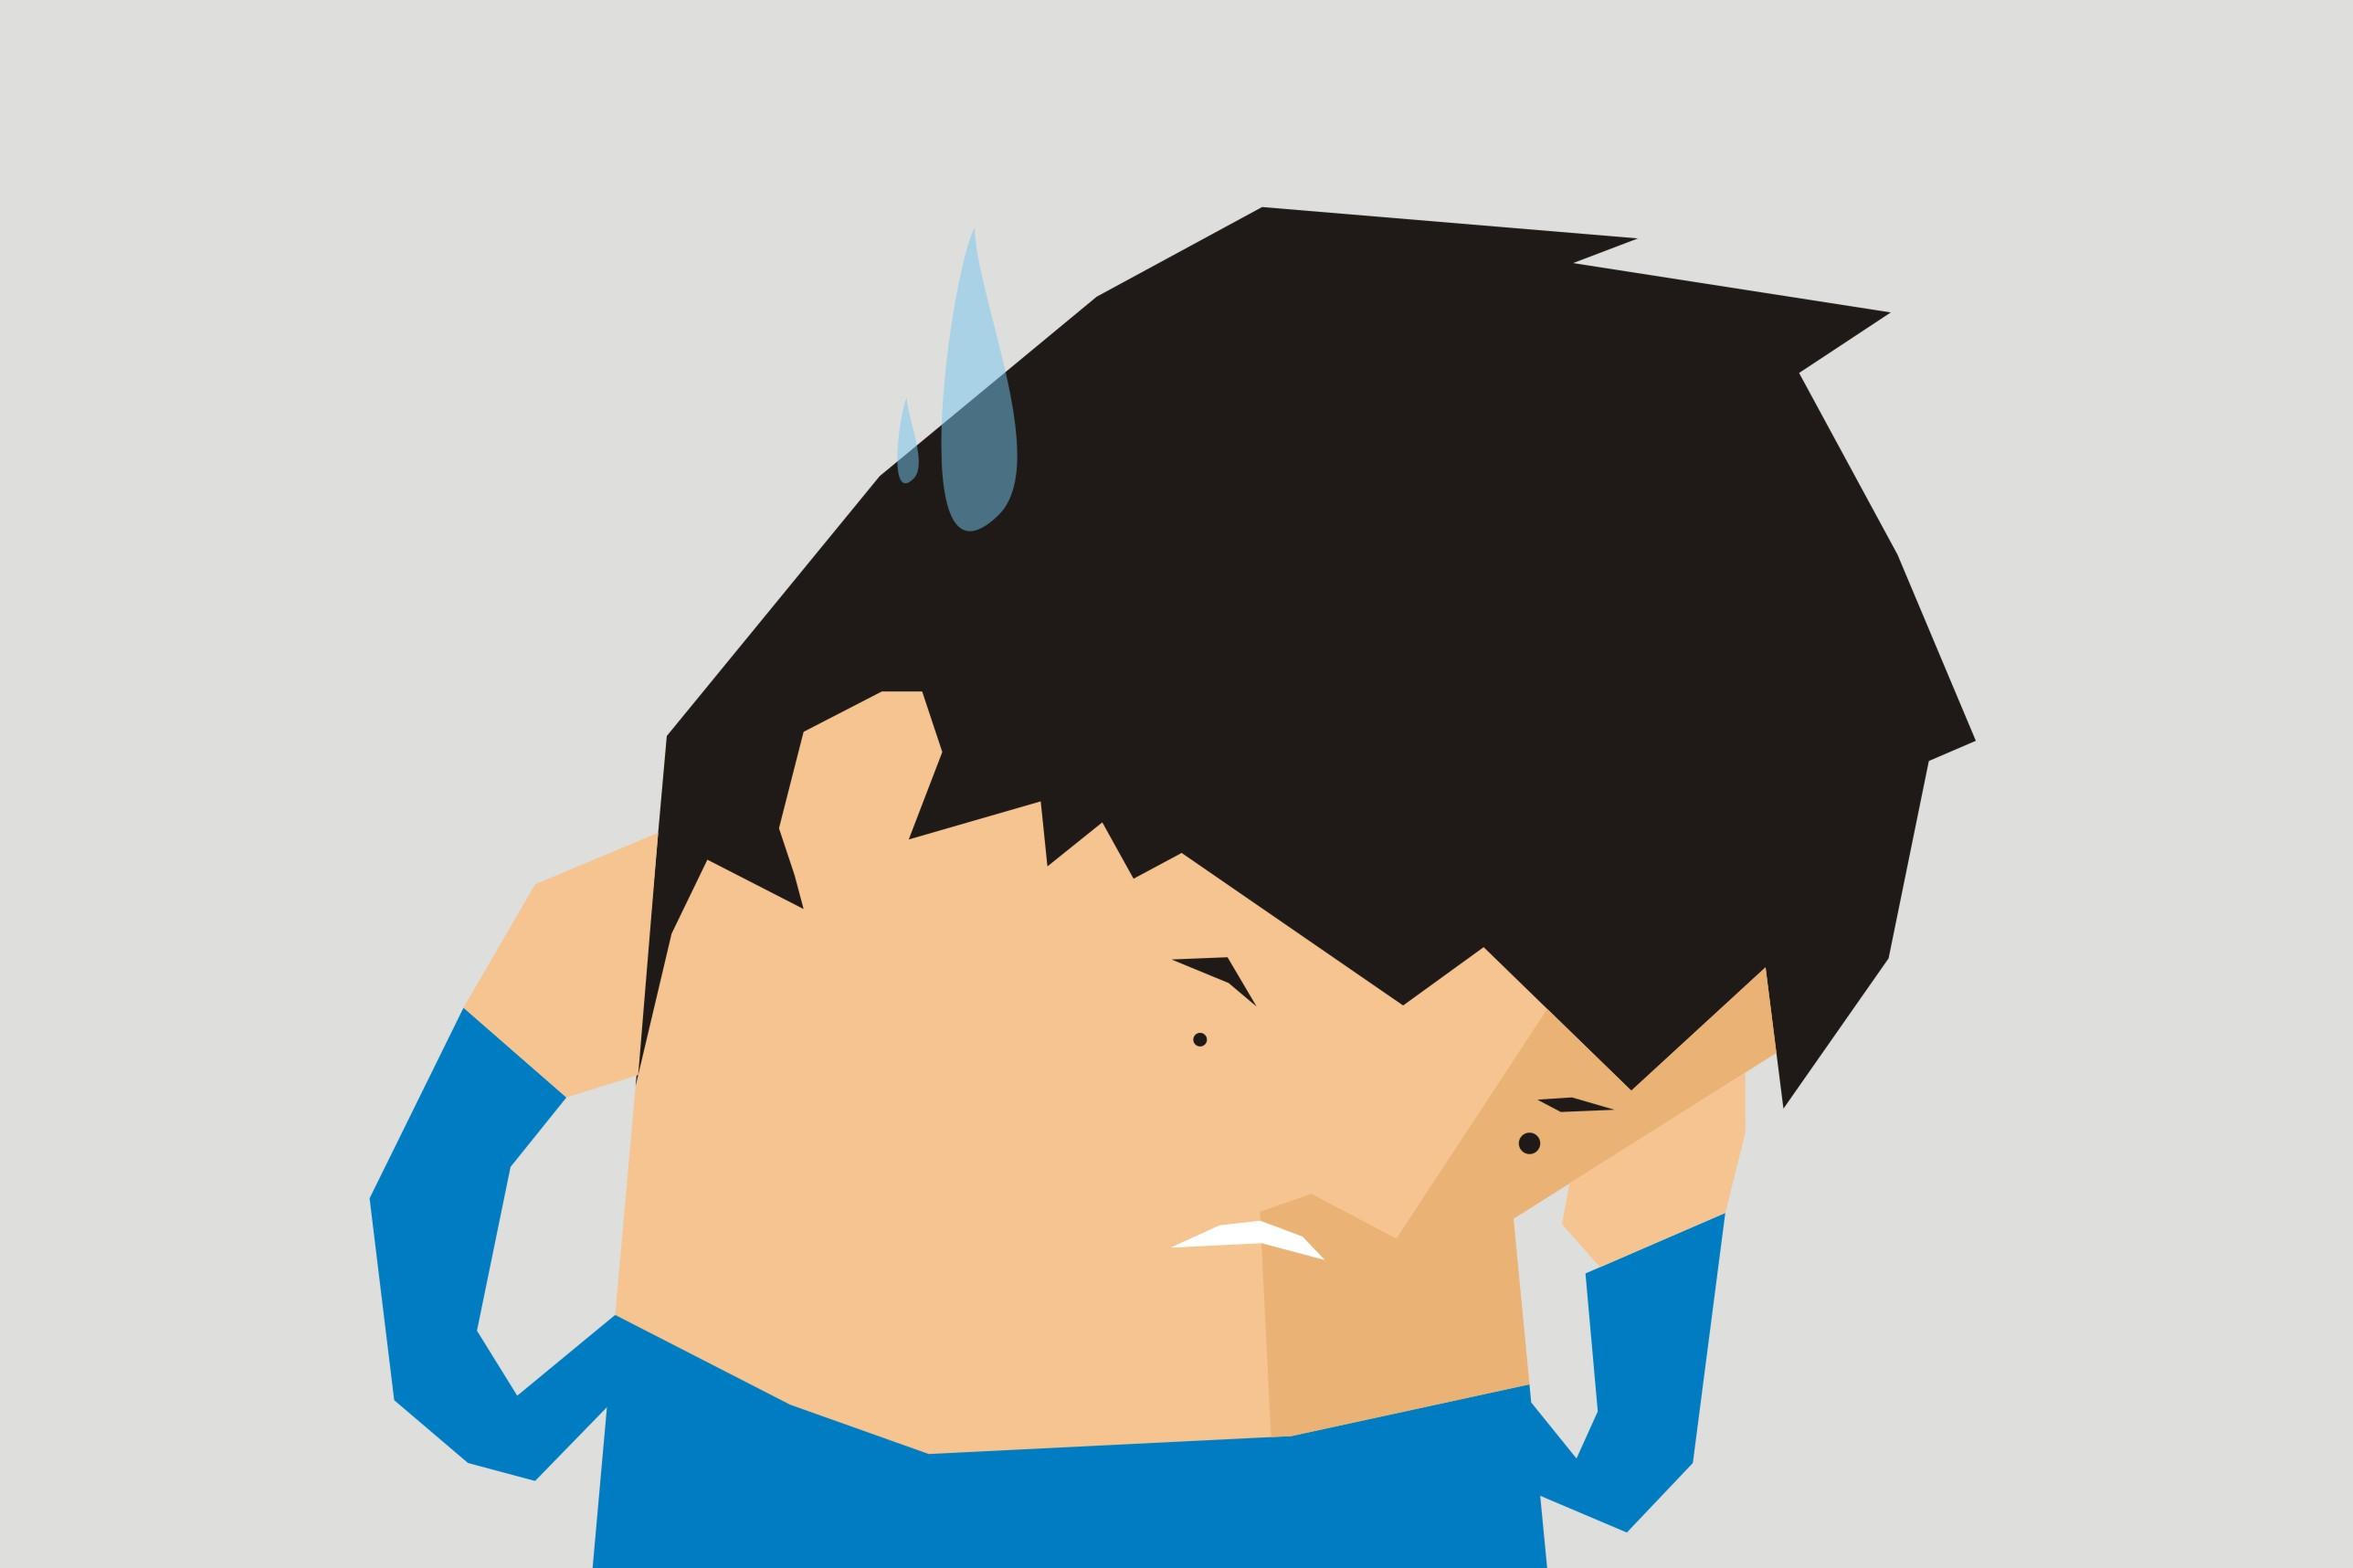 Studi mengungkap faktor gen memengaruhi tingkat stres seseorang